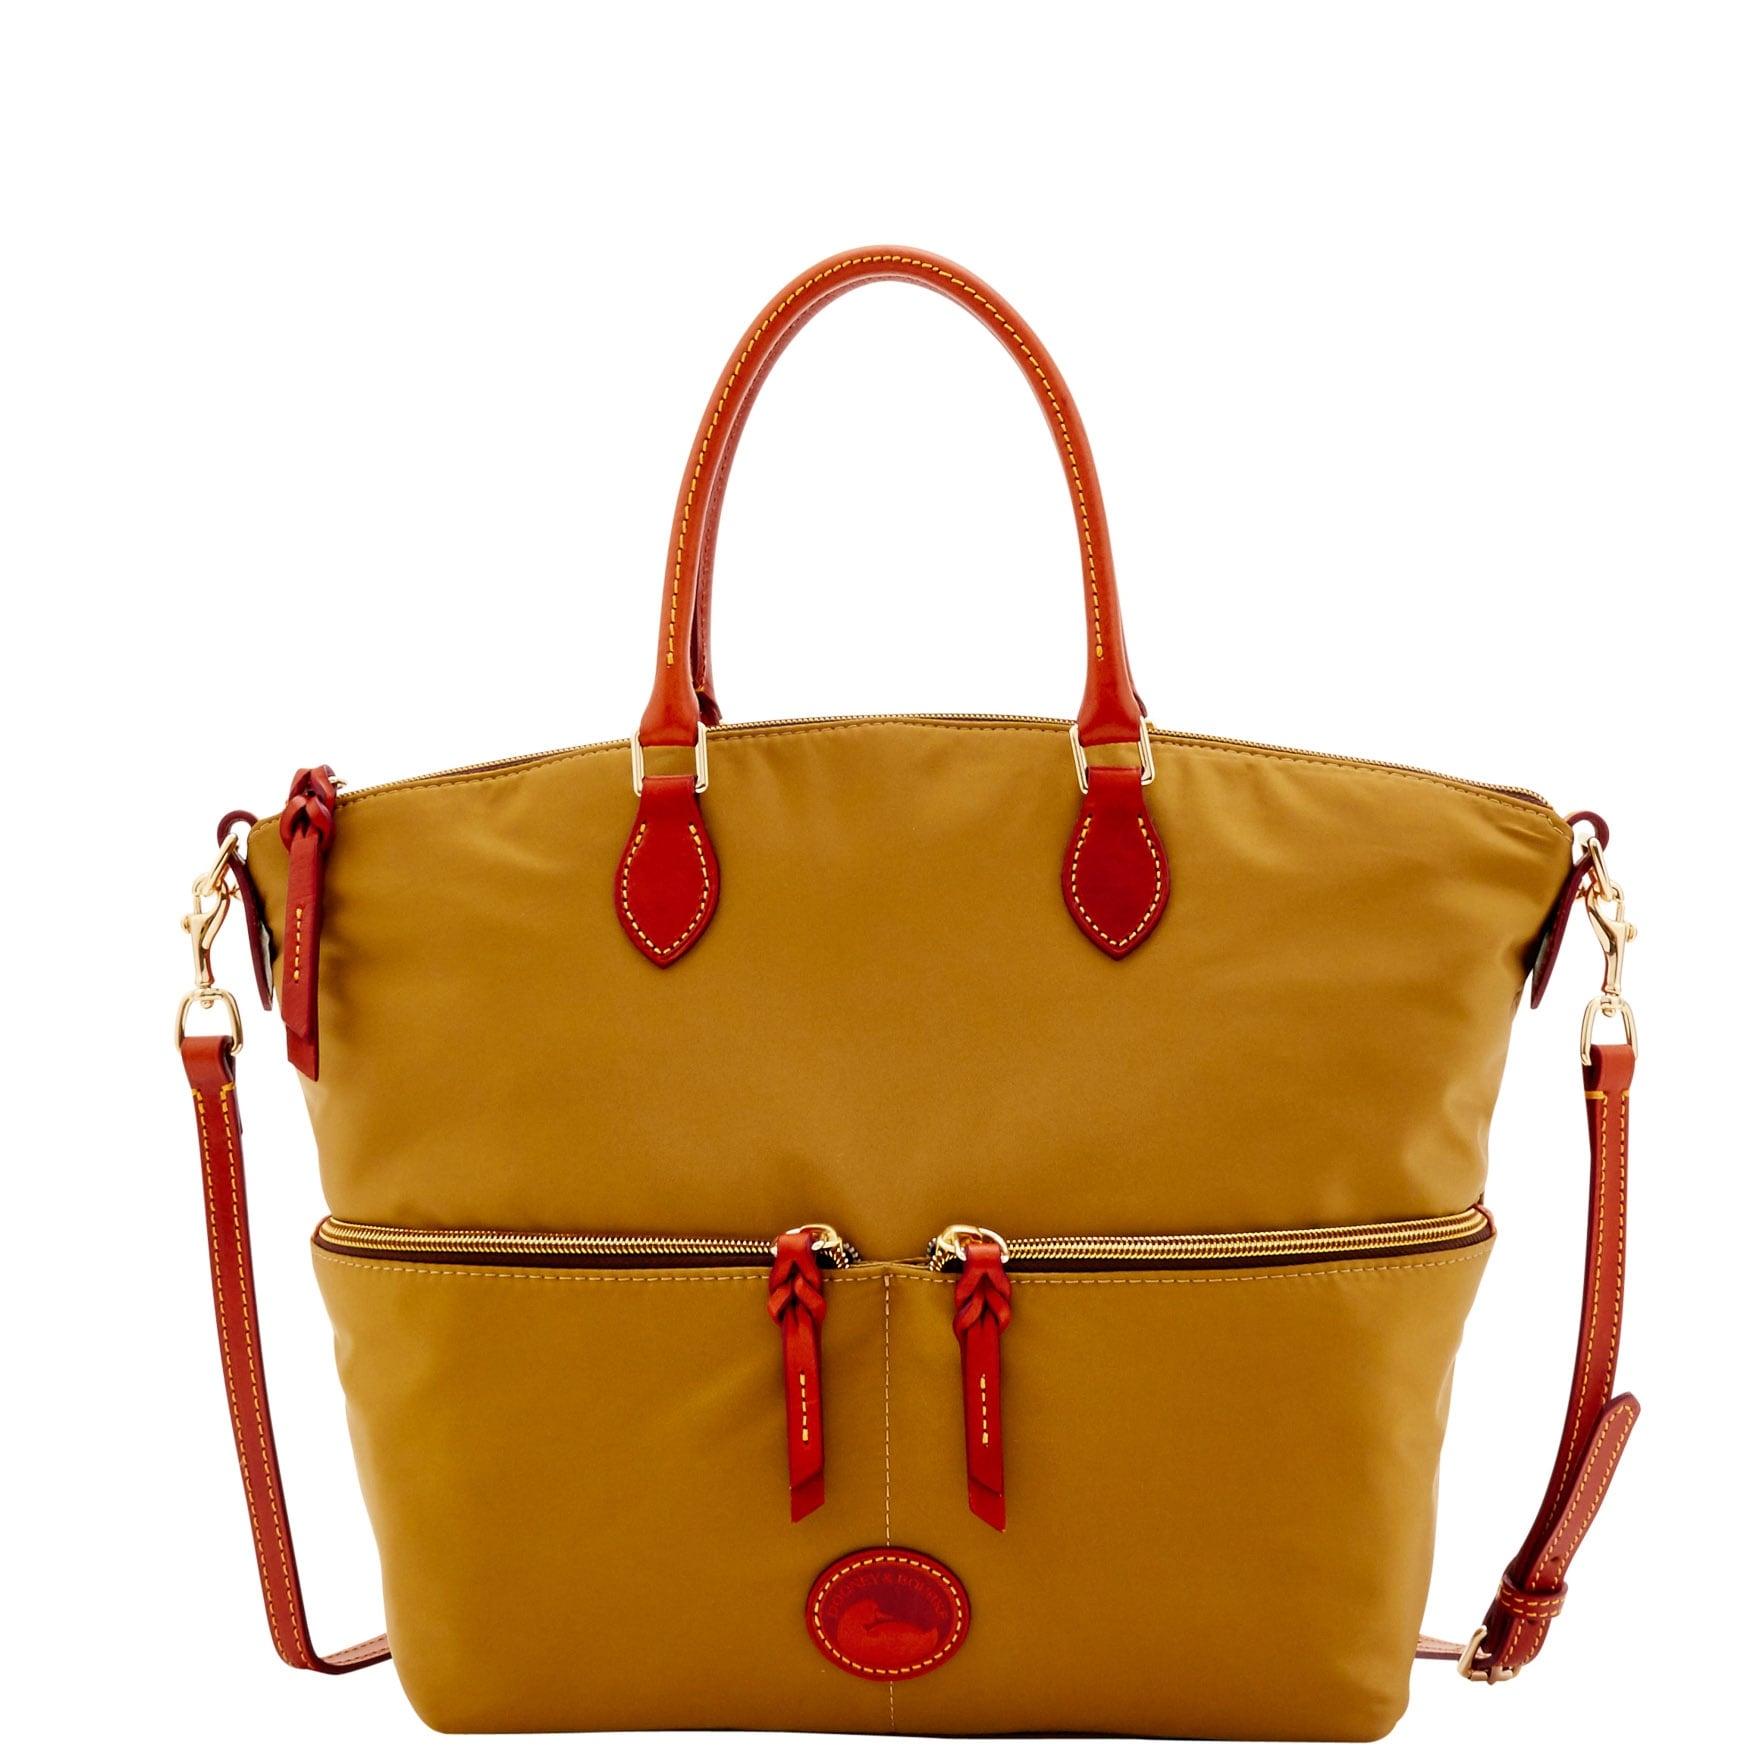 d421107502 Buy Dooney   Bourke Tote Bags Online at Overstock